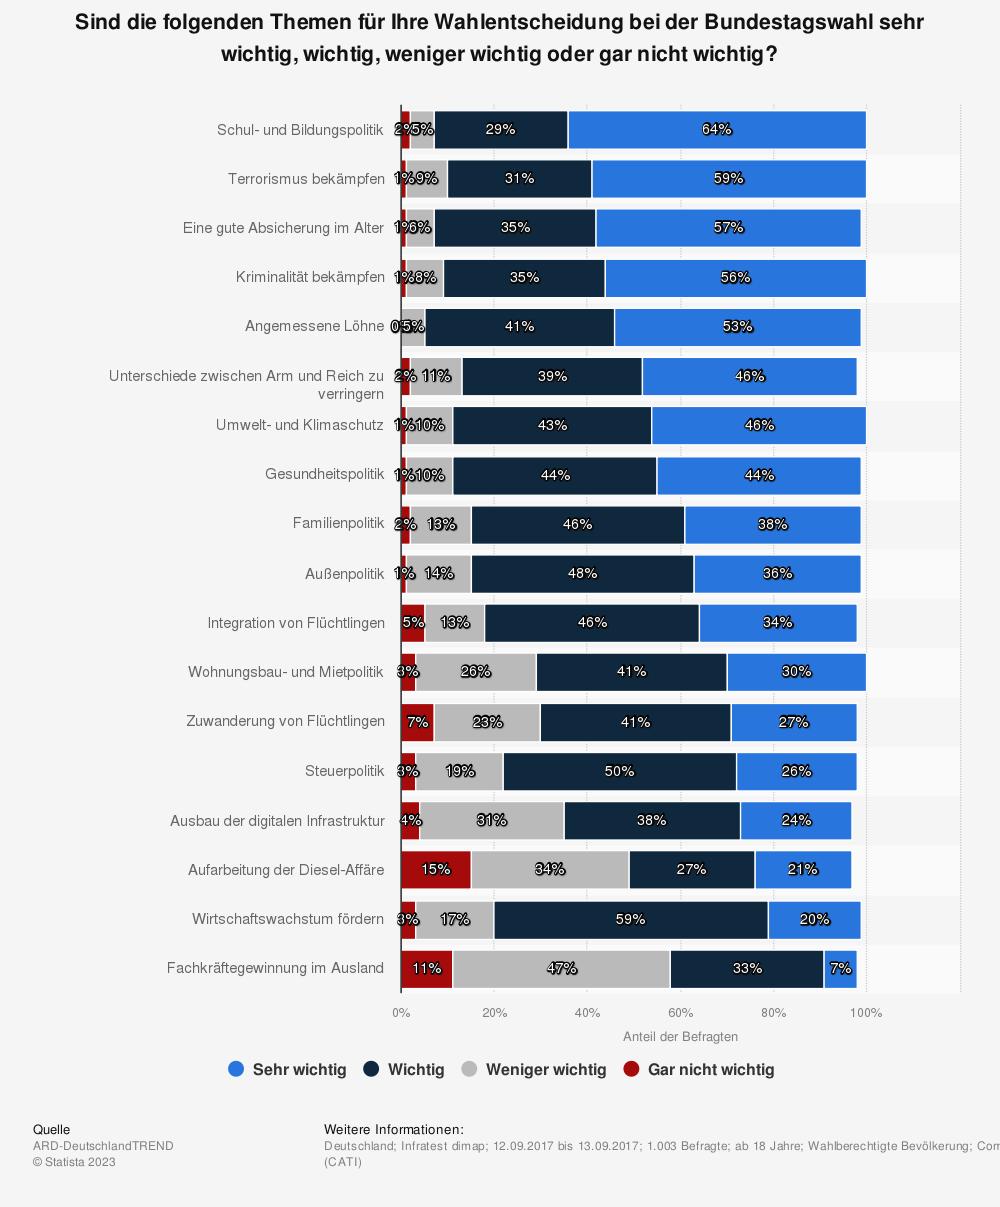 Statistik: Sind die folgenden Themen für Ihre Wahlentscheidung bei der Bundestagswahl sehr wichtig, wichtig, weniger wichtig oder gar nicht wichtig? | Statista